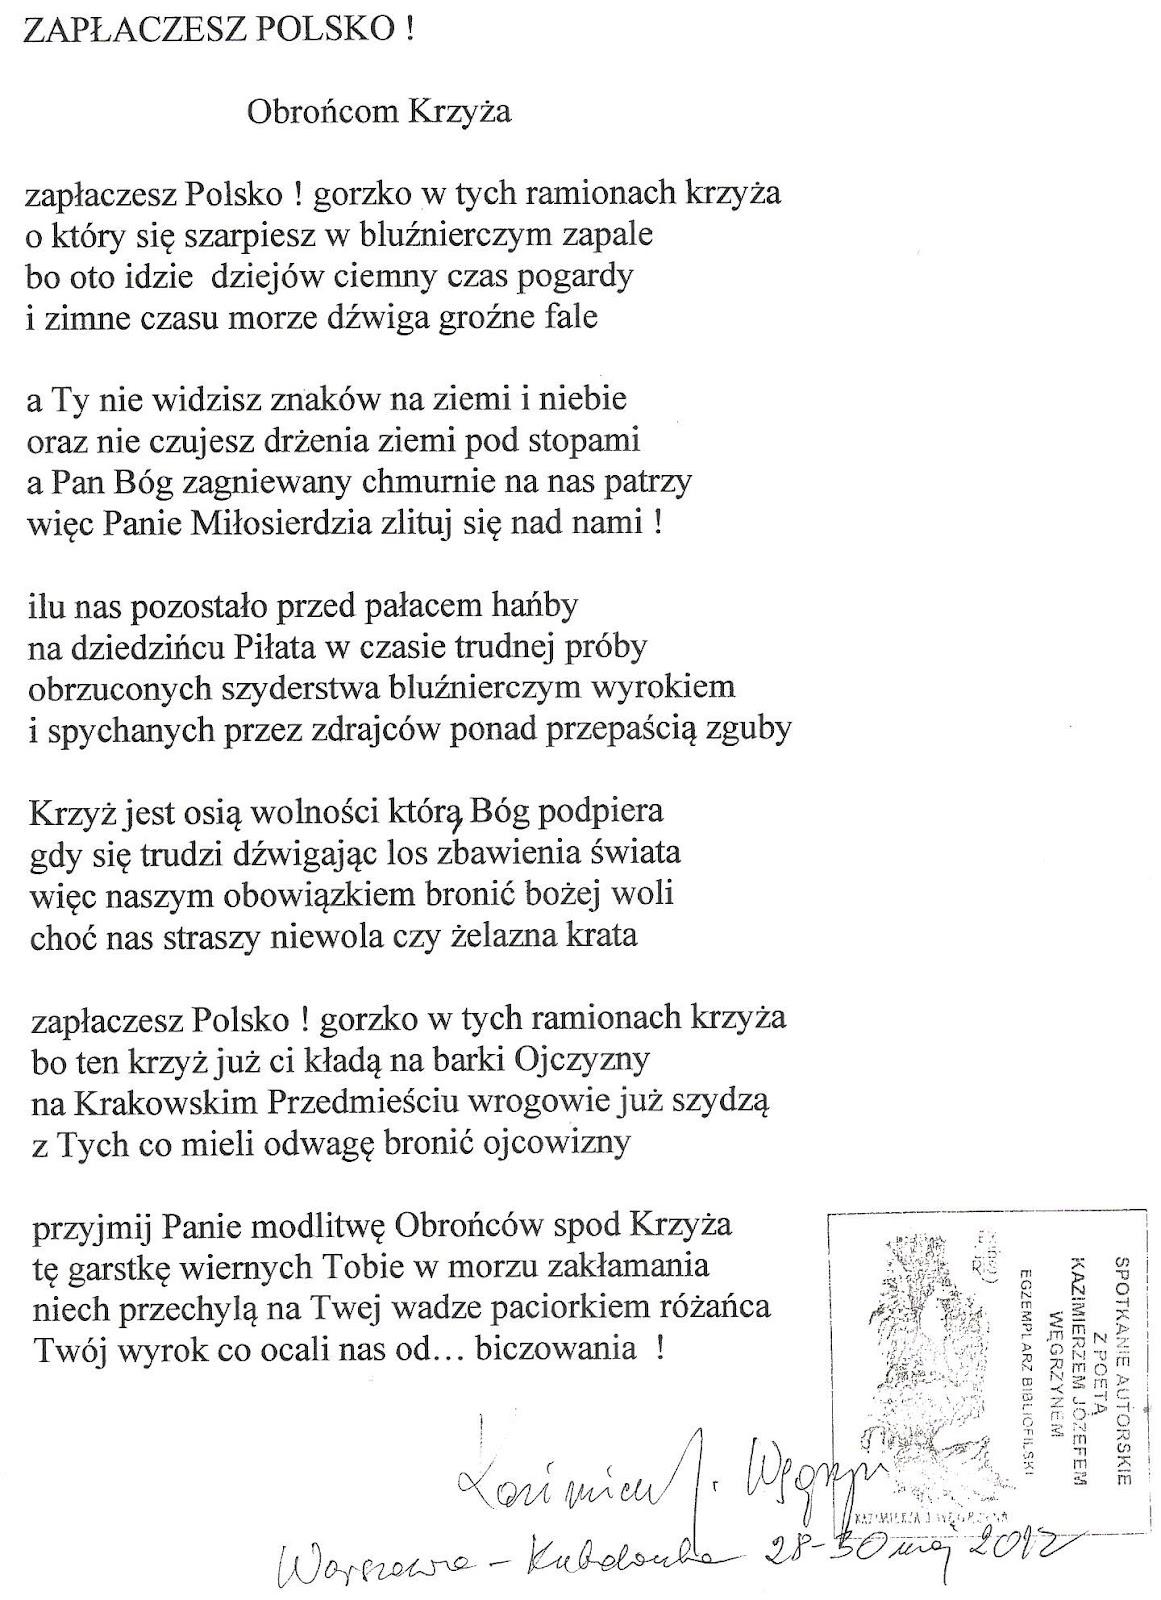 Z Krakowskiego Przedmieścia Obrońca Krzyża Smoleńskiego